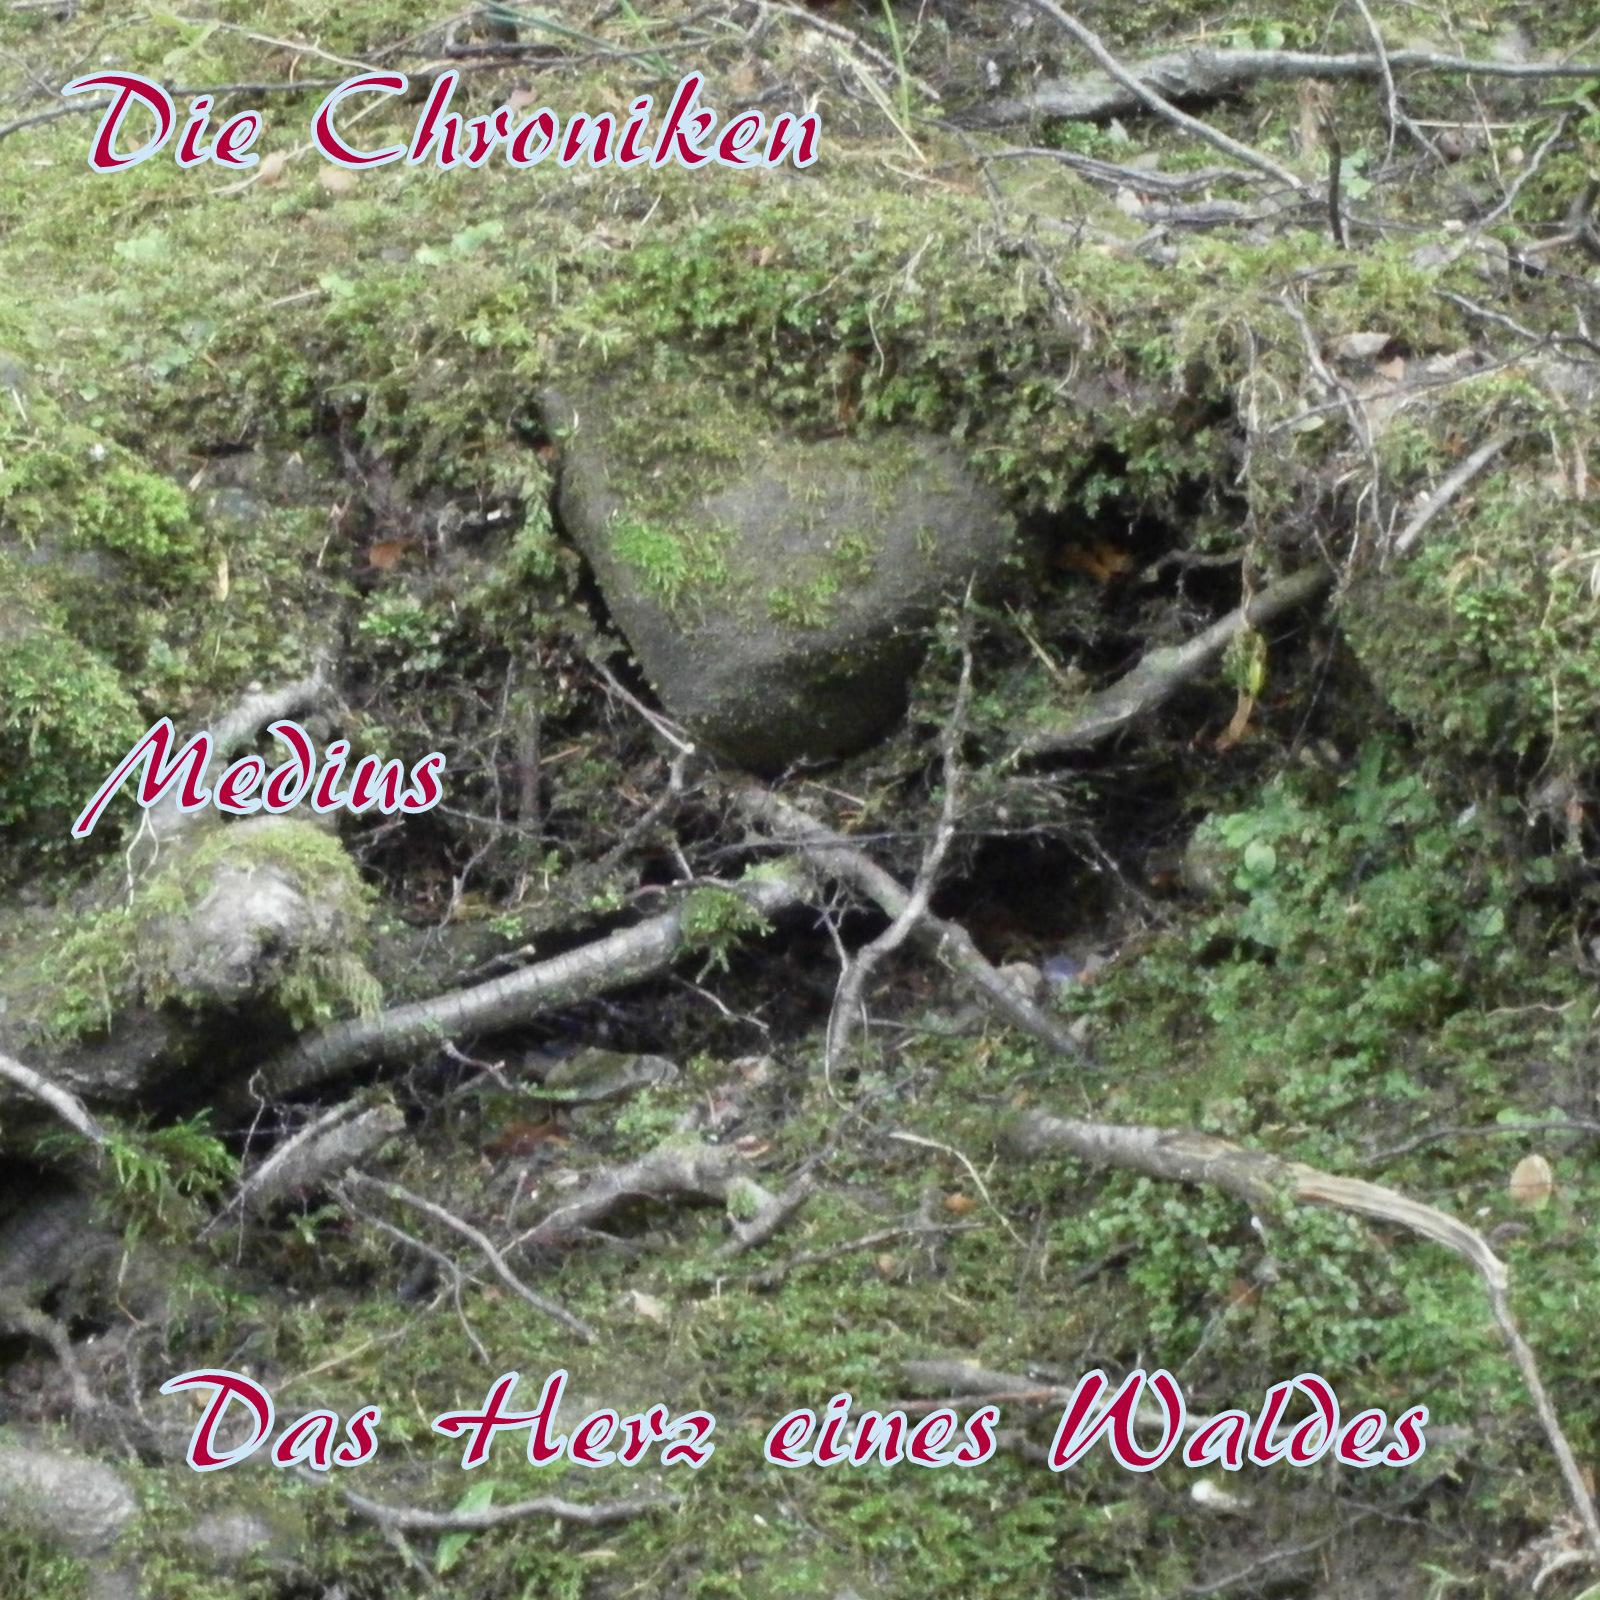 Mitte - Das Herz eines Waldes